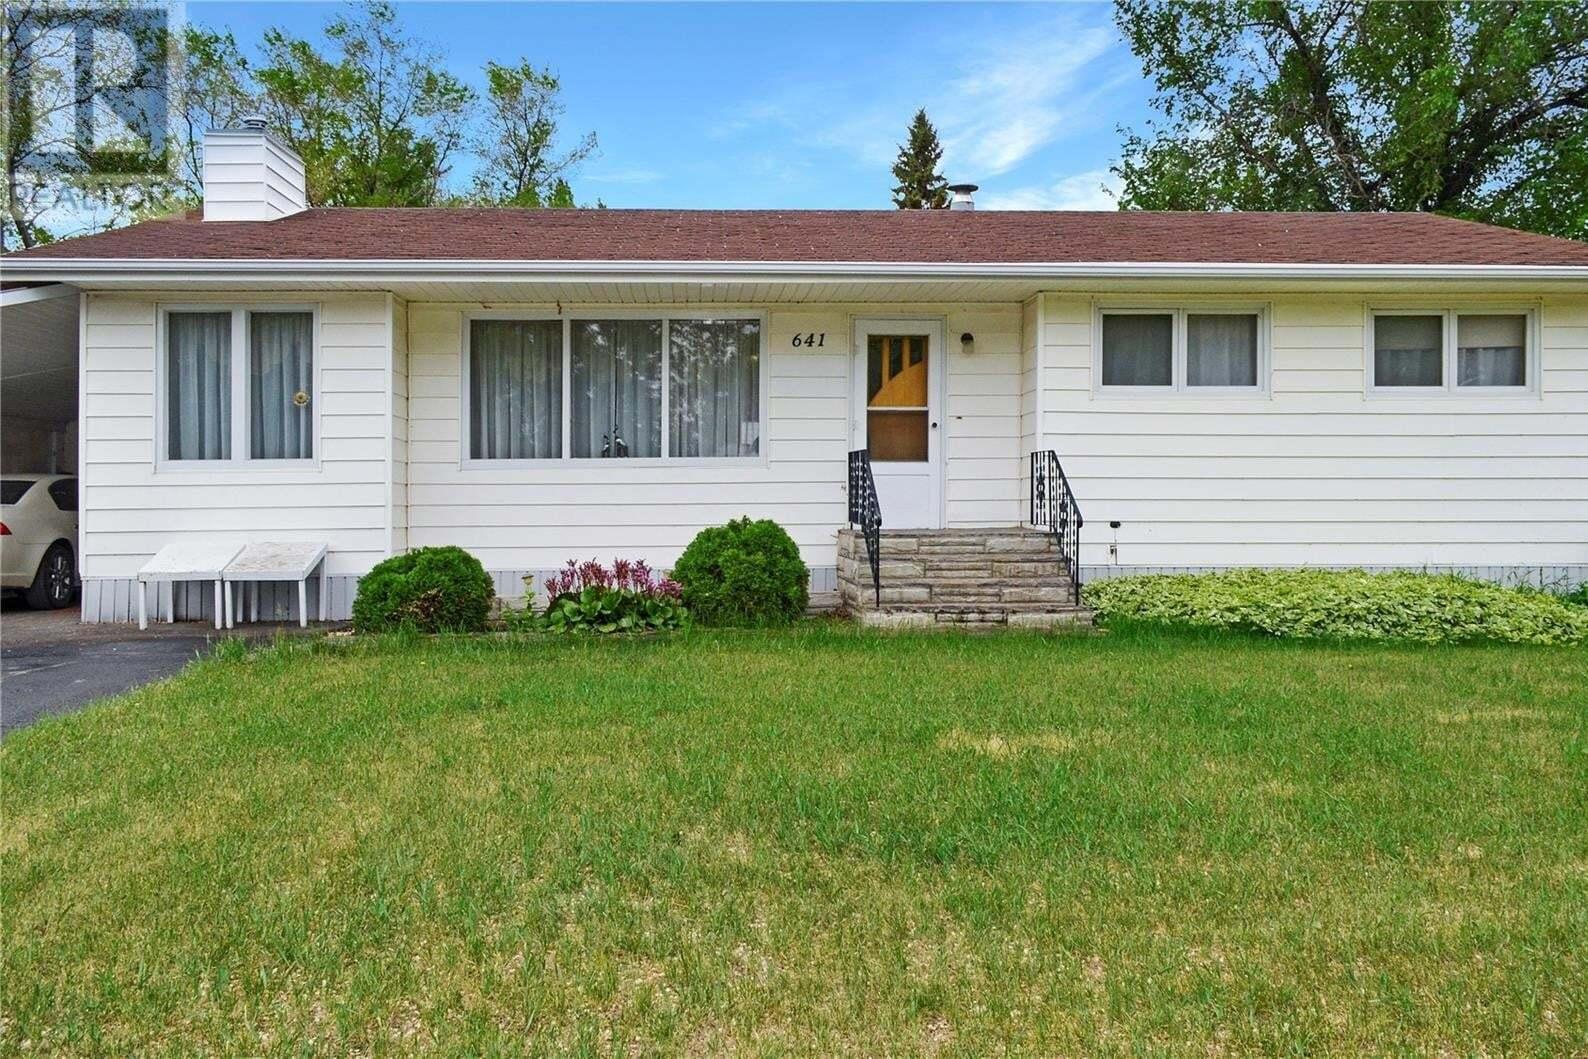 House for sale at 641 1st St Gull Lake Saskatchewan - MLS: SK826068